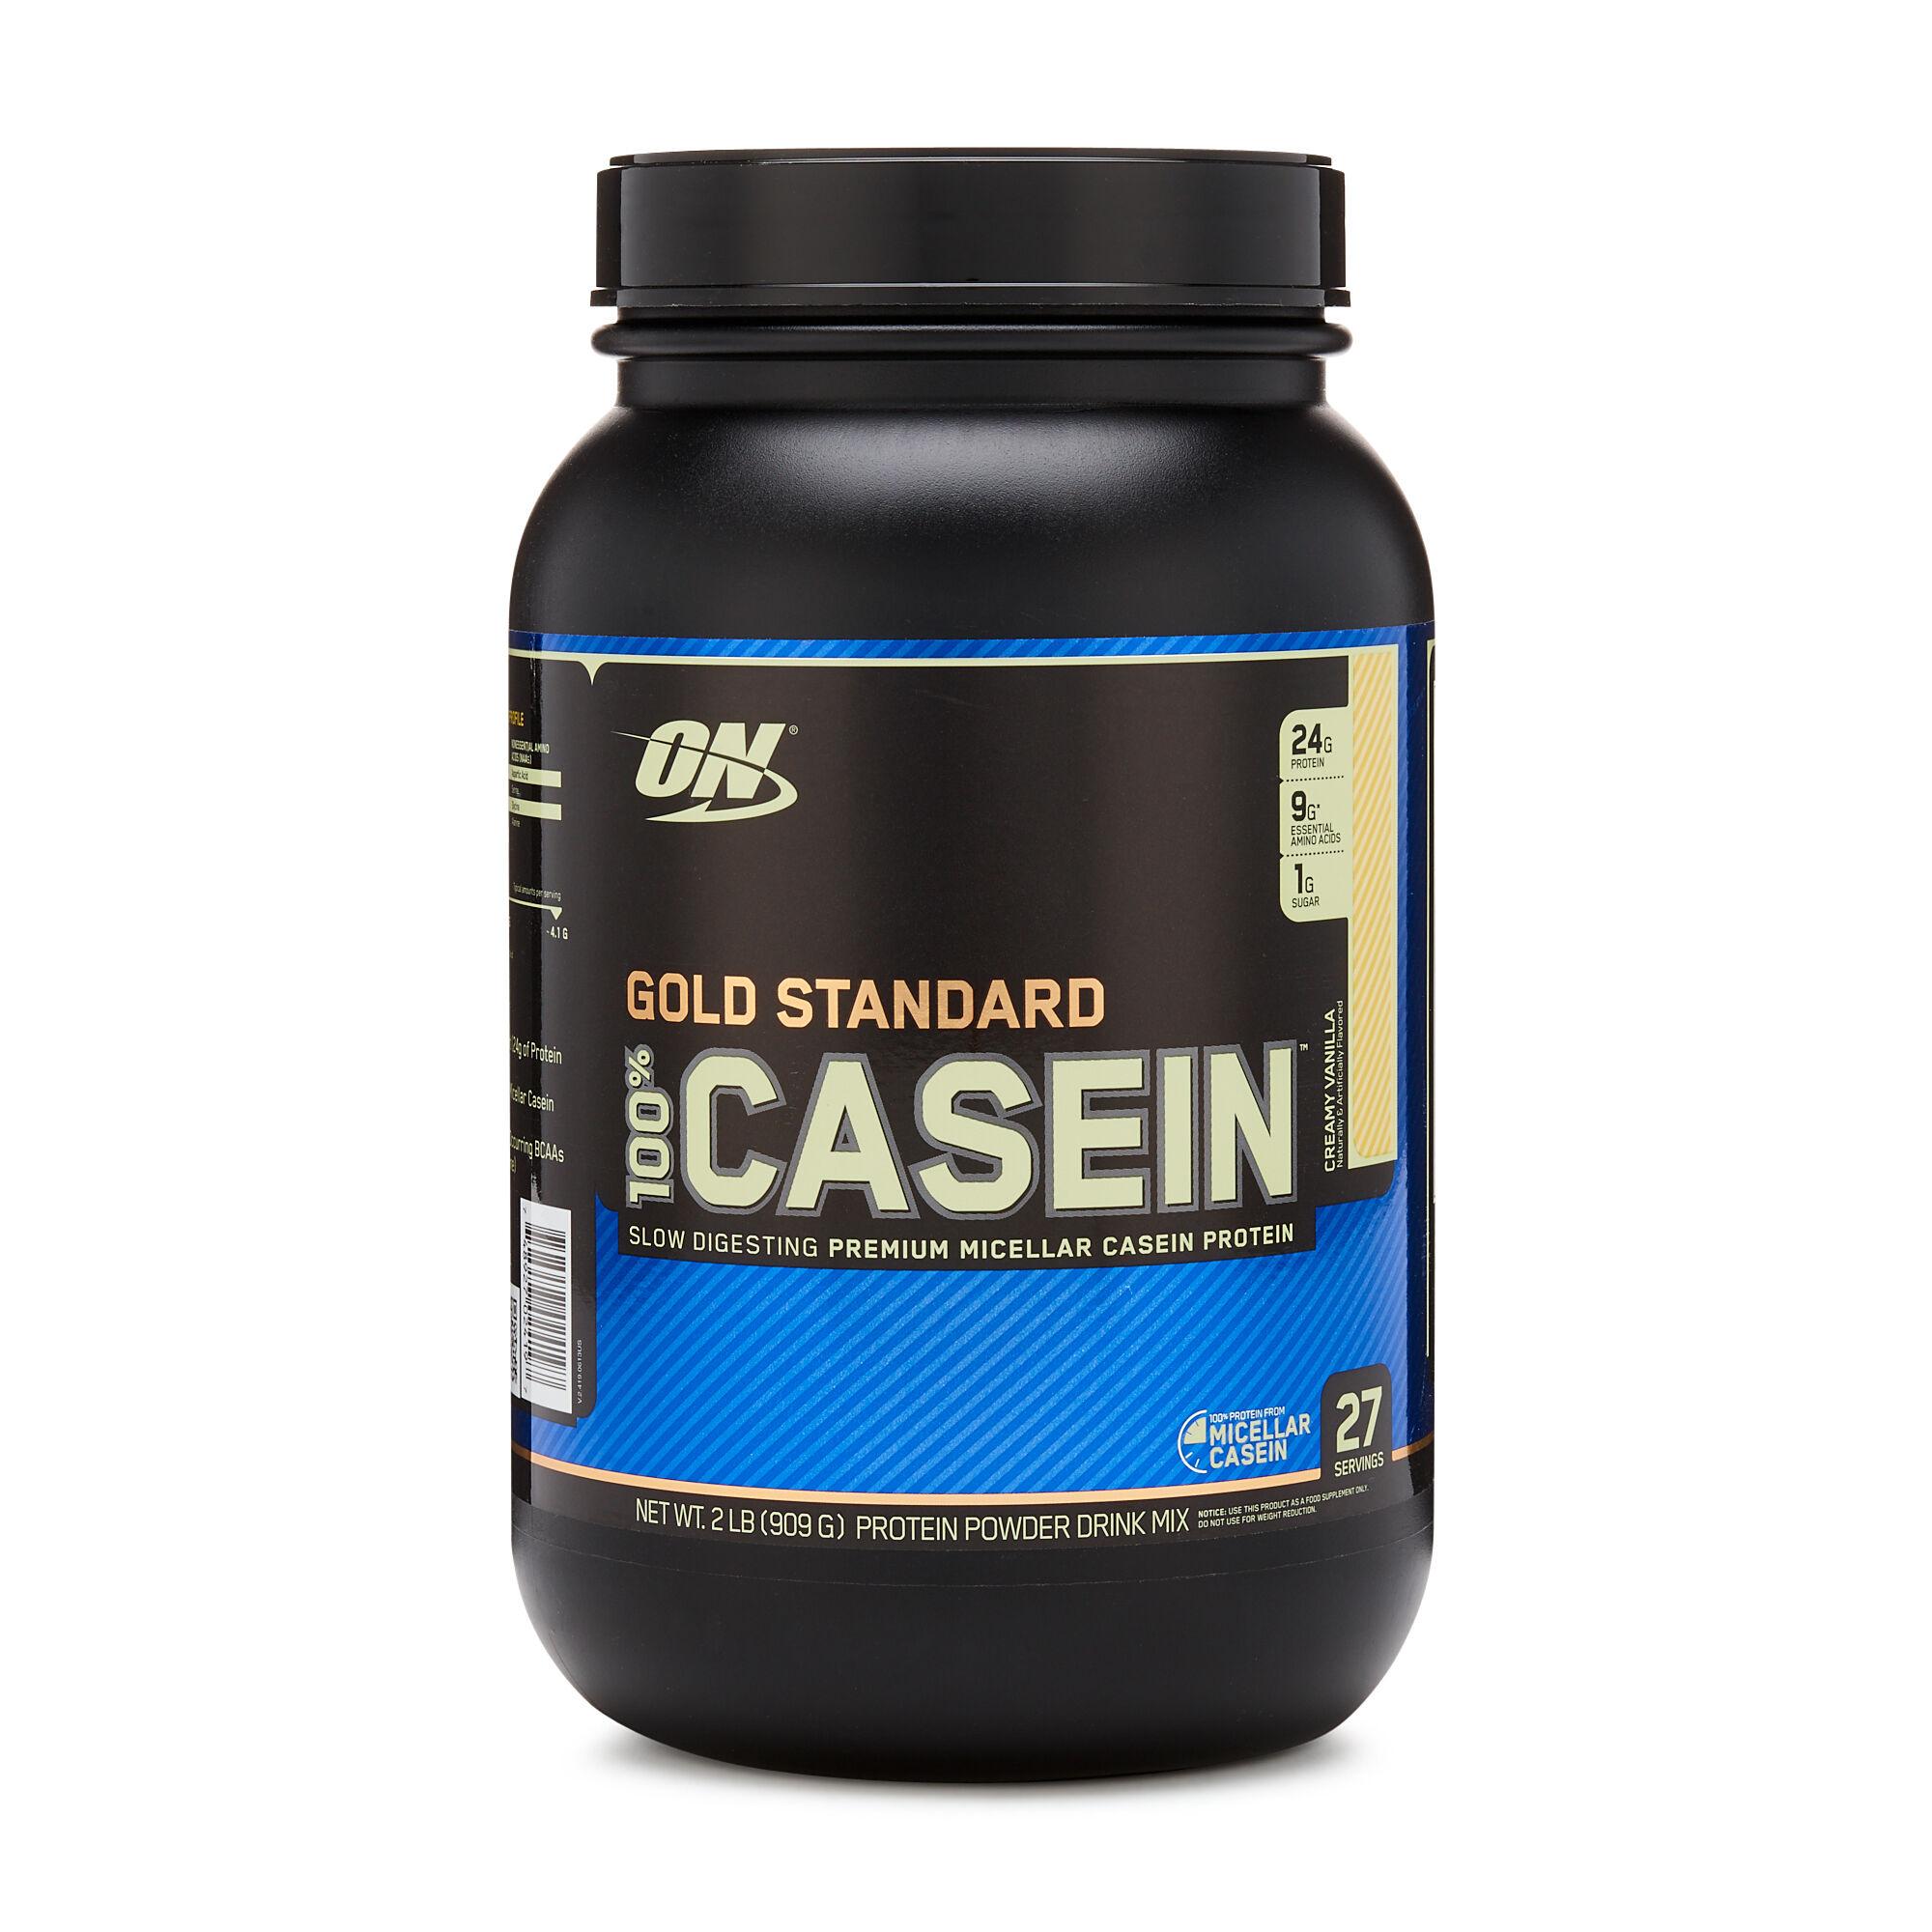 Casein Protein Powder For Weight Gain